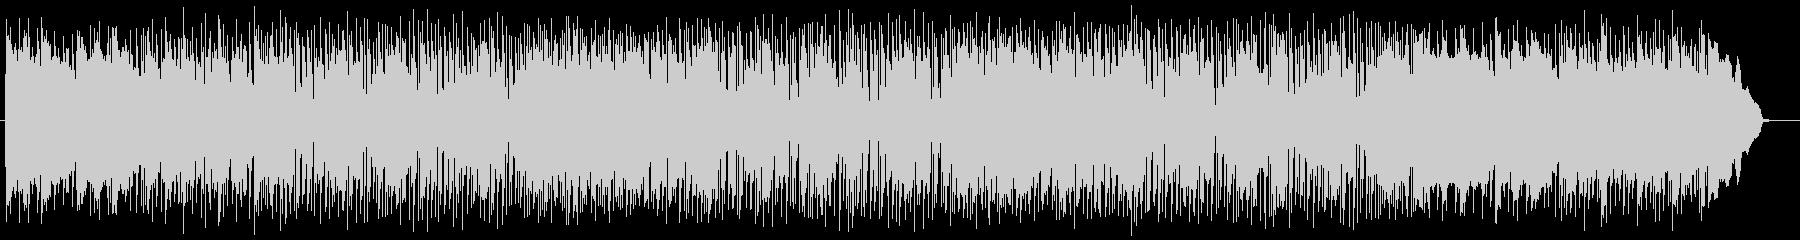 エレキとピアノの躍動感溢れるサウンドの未再生の波形